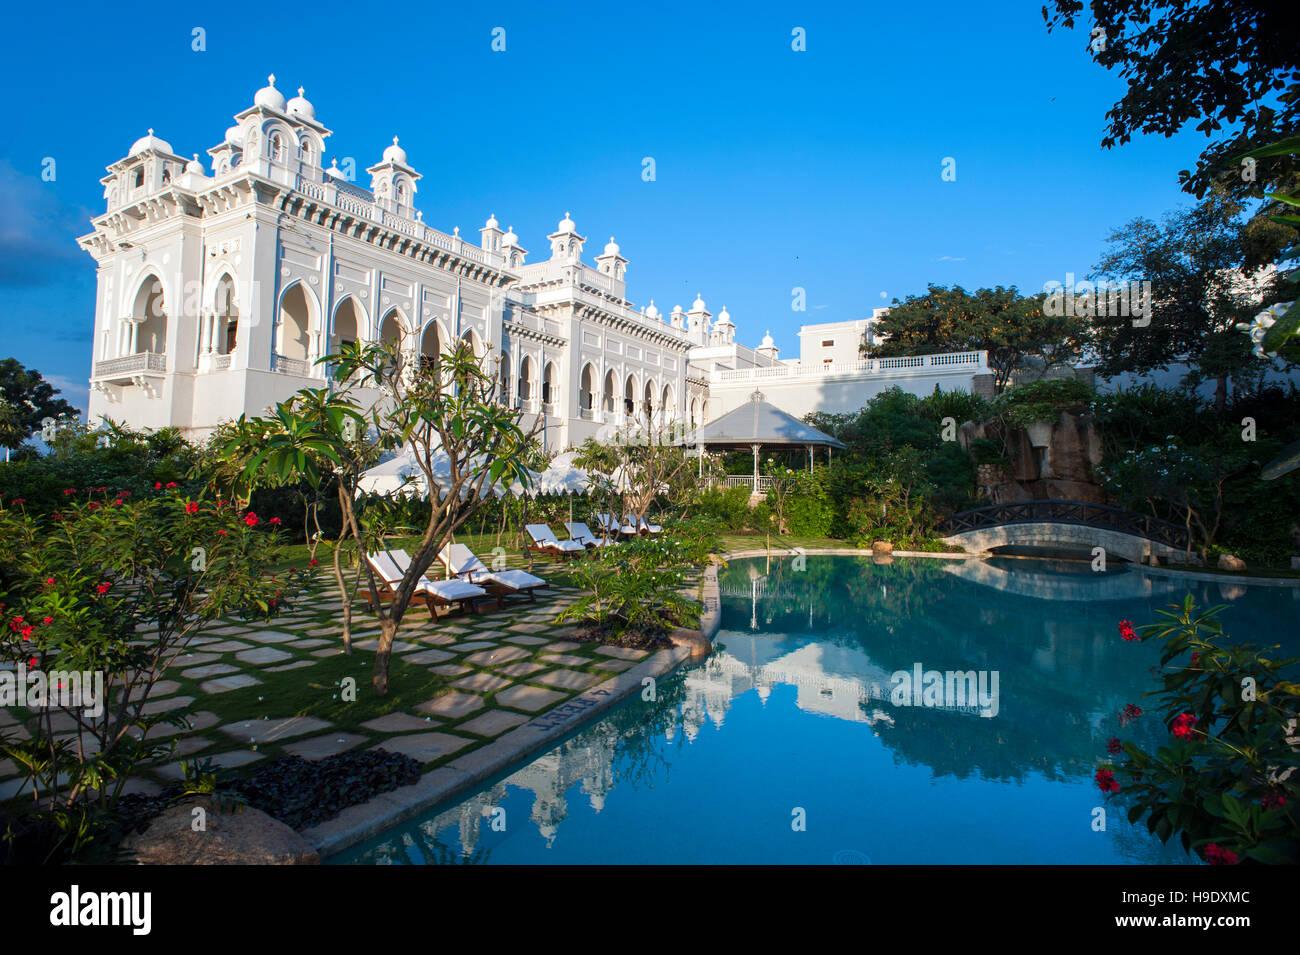 """La piscina a Falaknuma Palace Hotel in Hyderabad, India, una forma di scorpione mansion significa """"specchio Immagini Stock"""